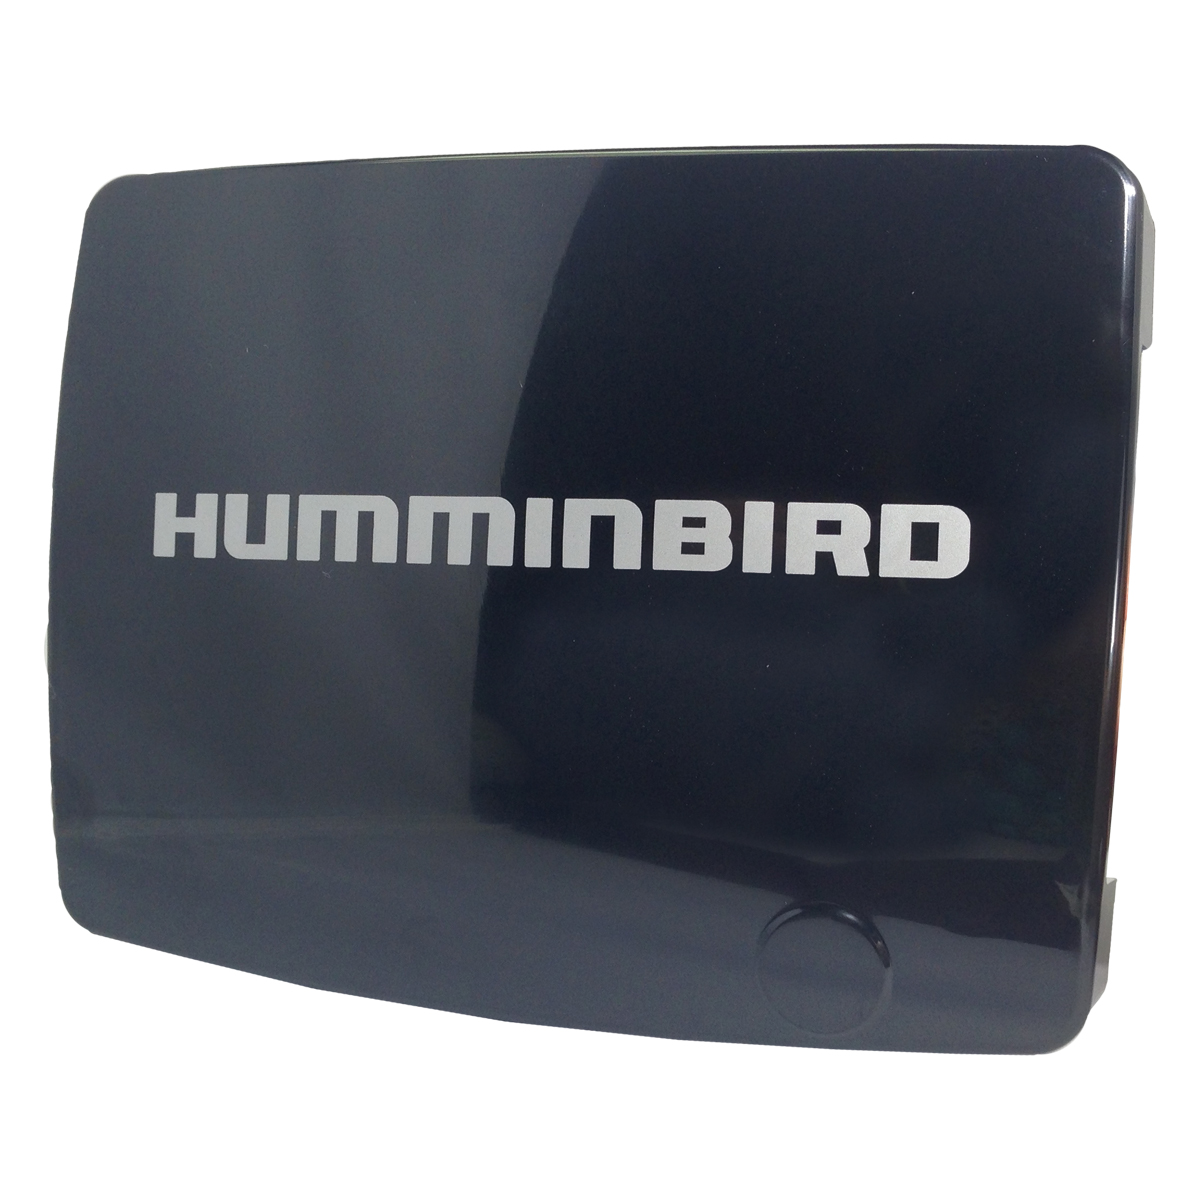 Humminbird Abdeckung Cover UC-3 für 7xx Serie (2010er 5xx Serie)